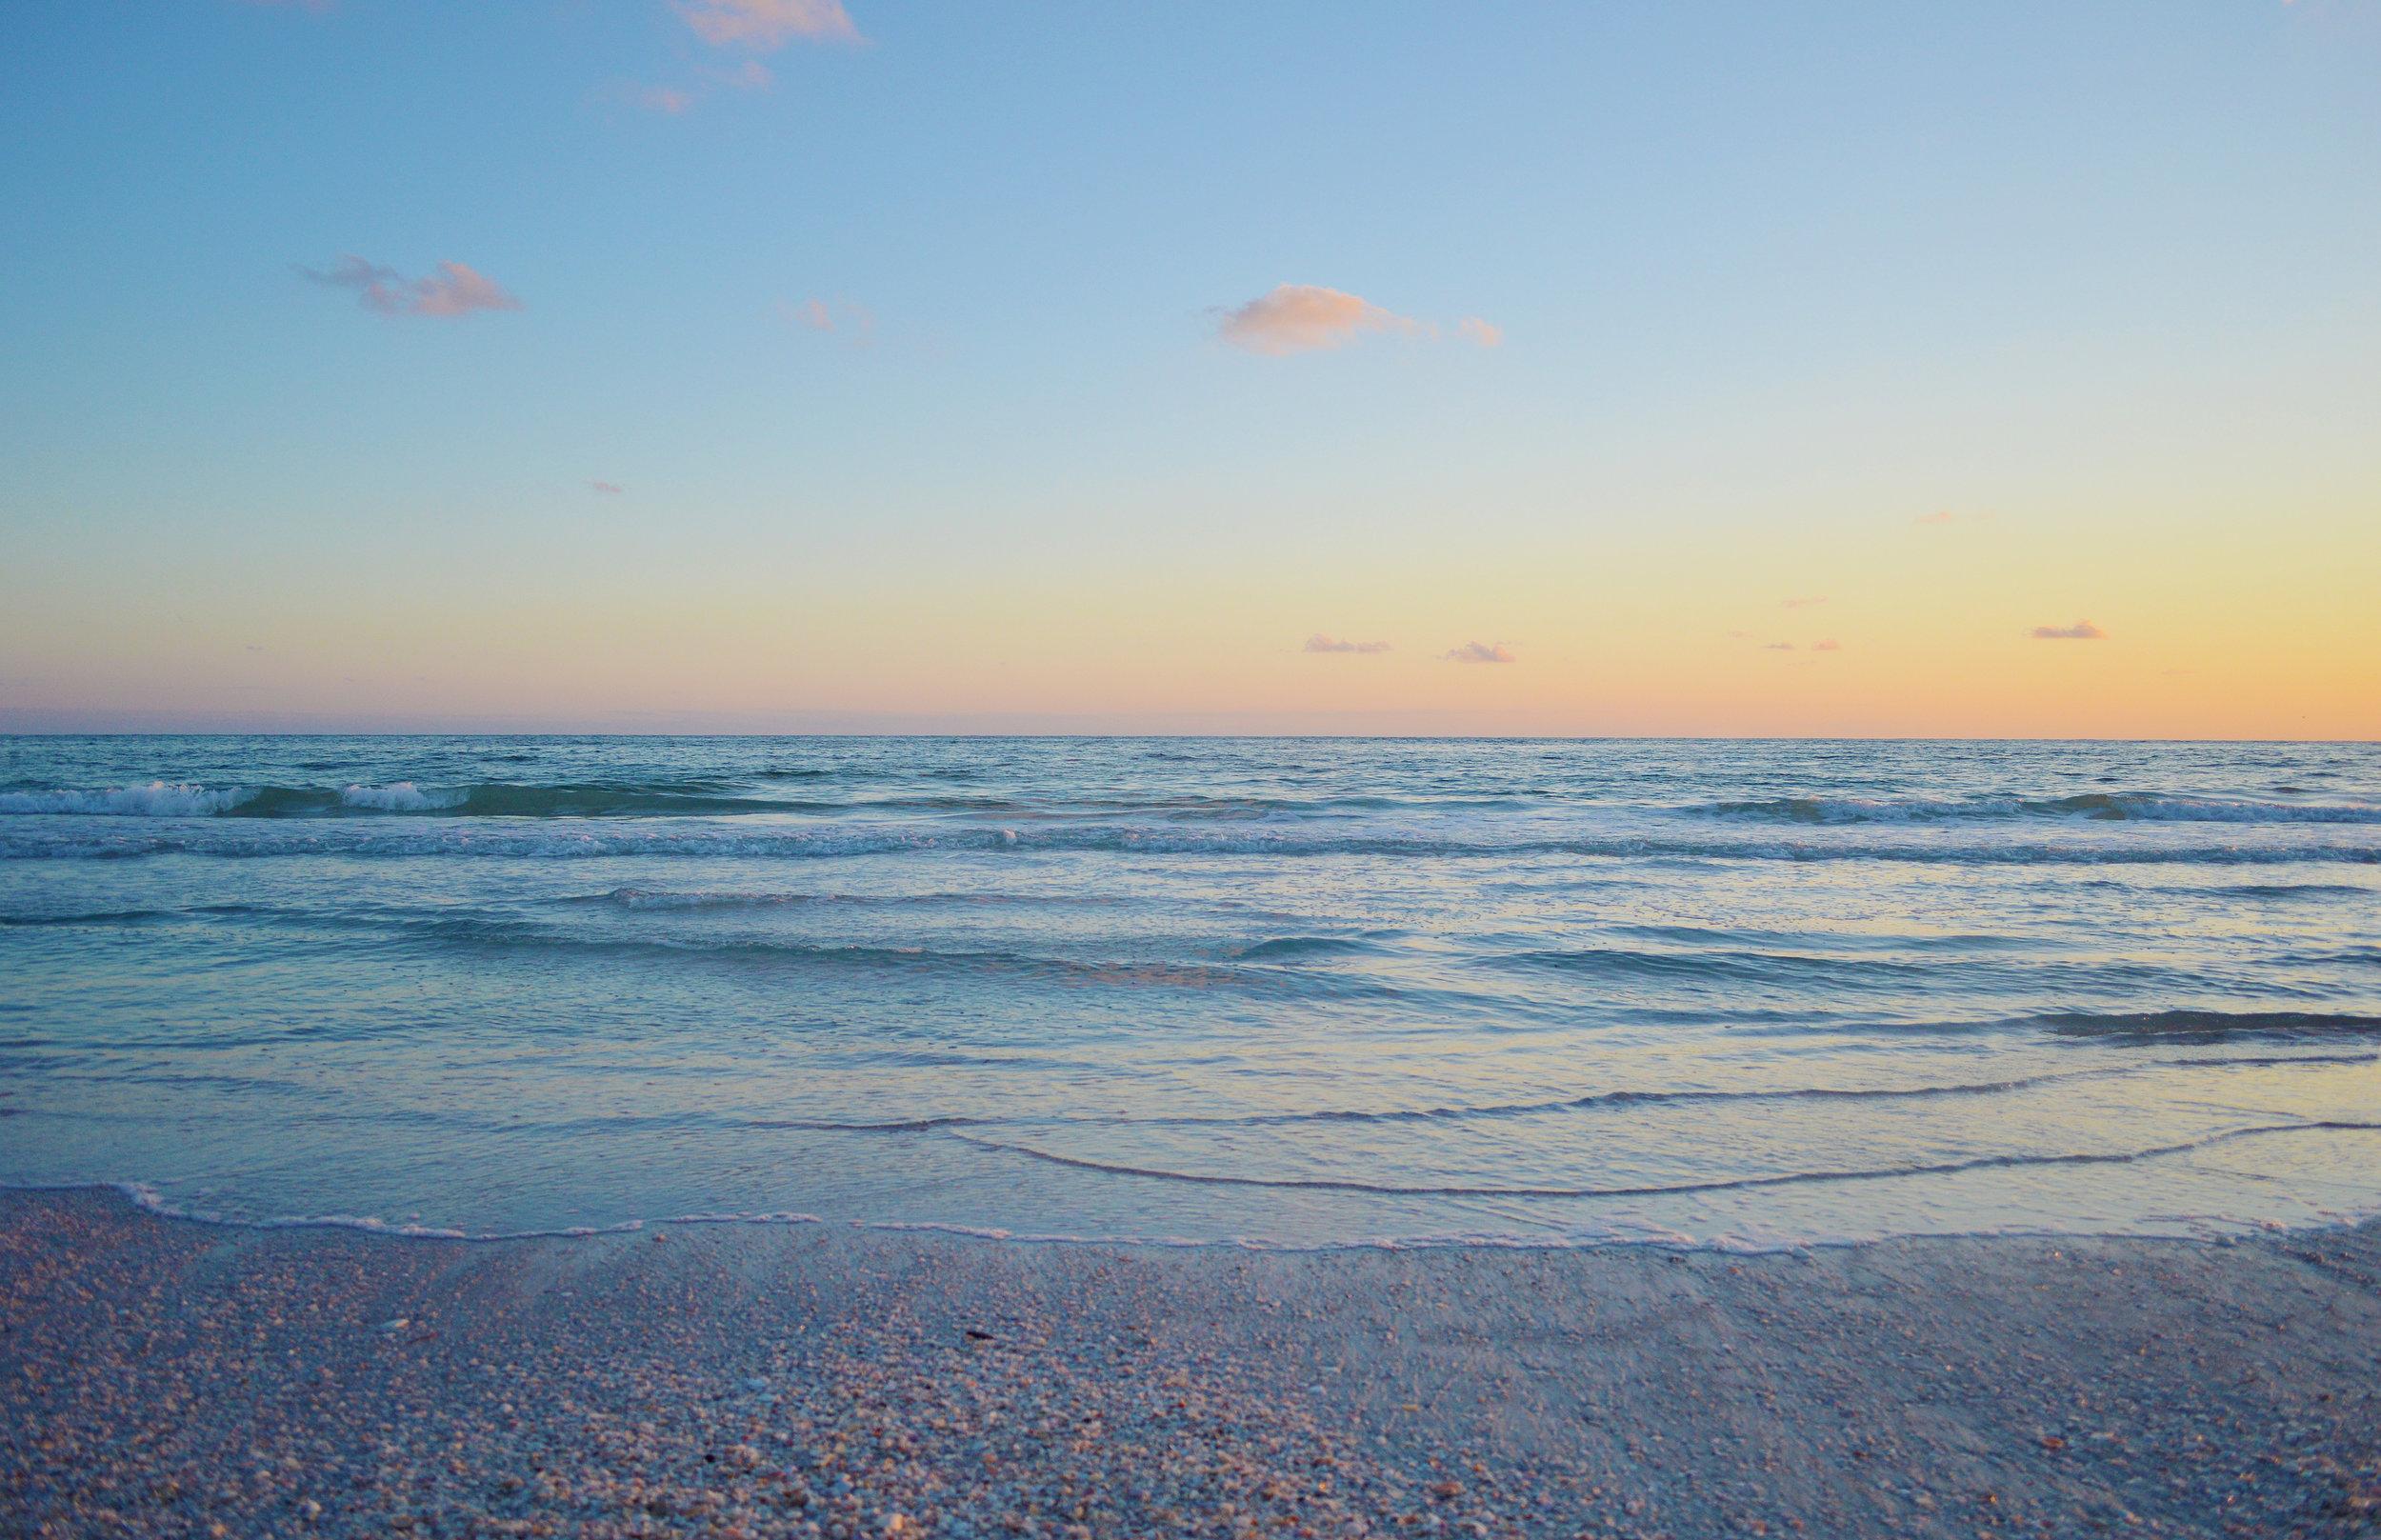 Lido Key Sarasota Florida Sunset Beach Photo by Kristen Laczi